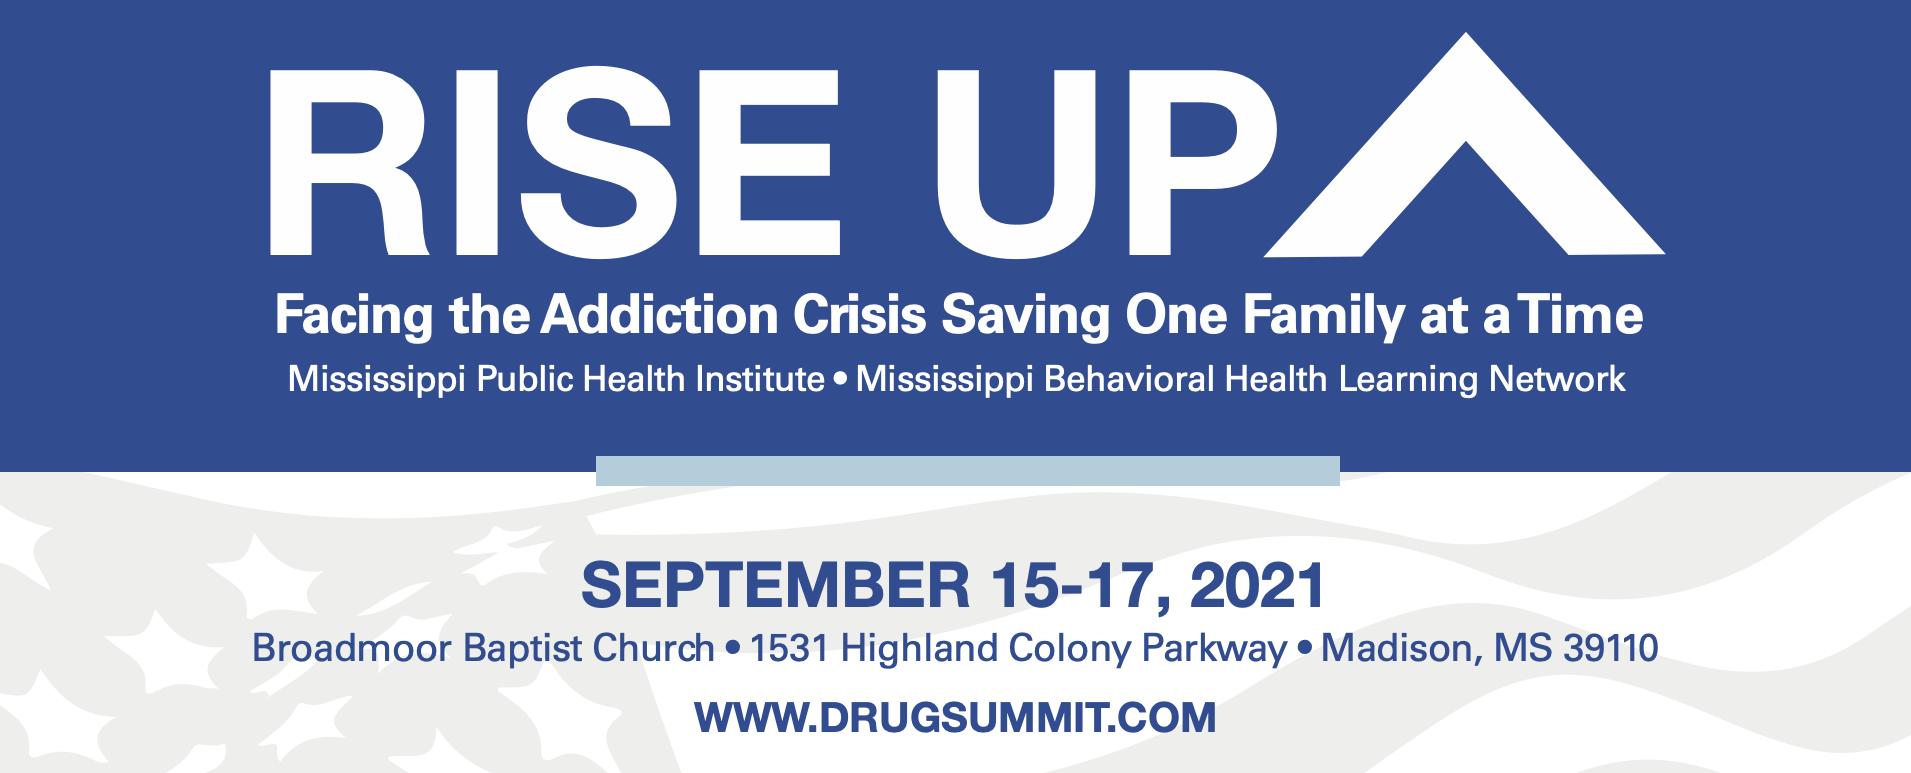 Blue and white Rise Up Drug Summit logo